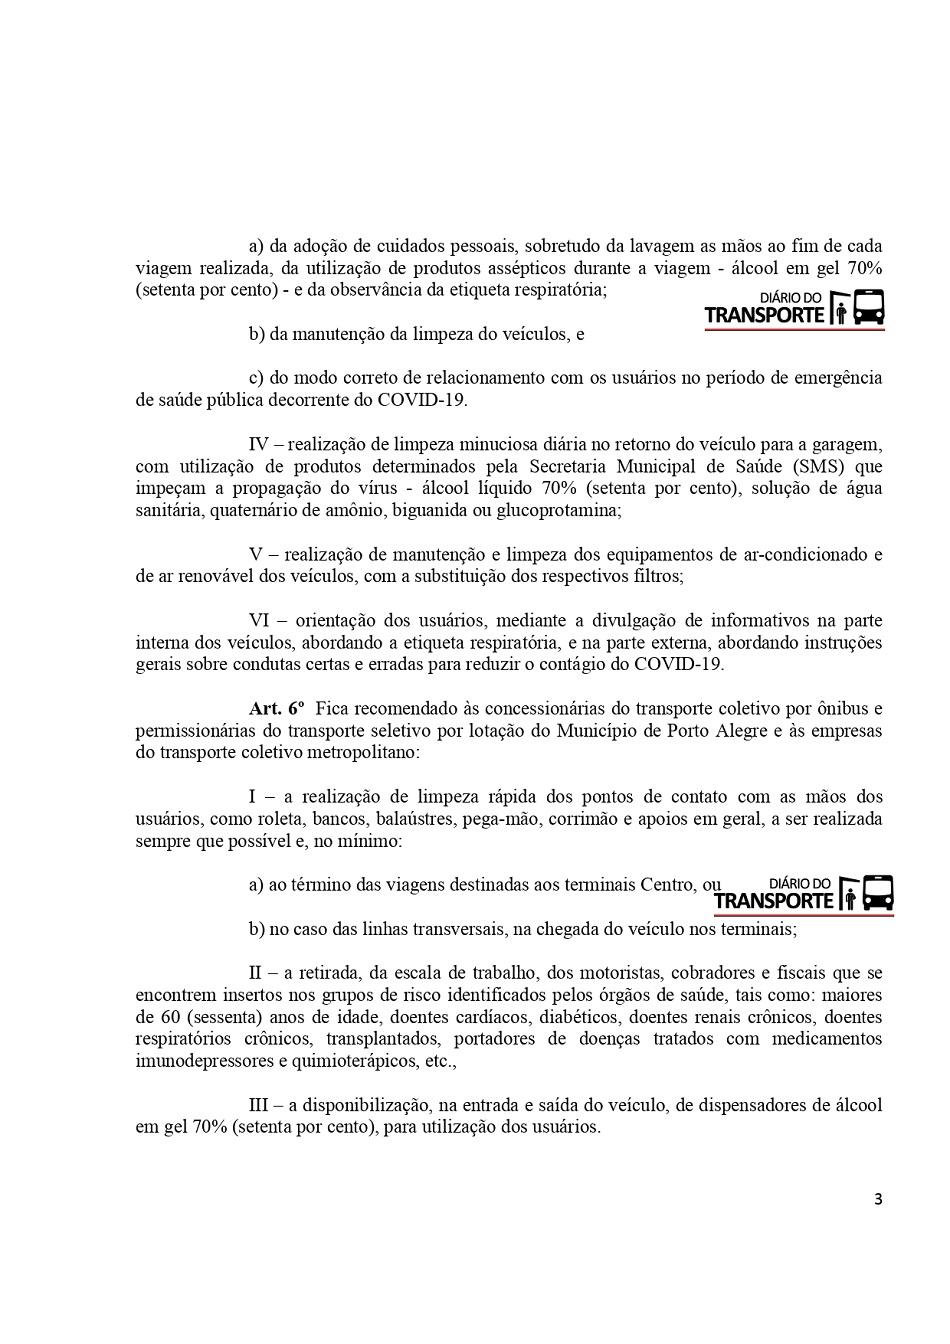 Decreto_POA_03